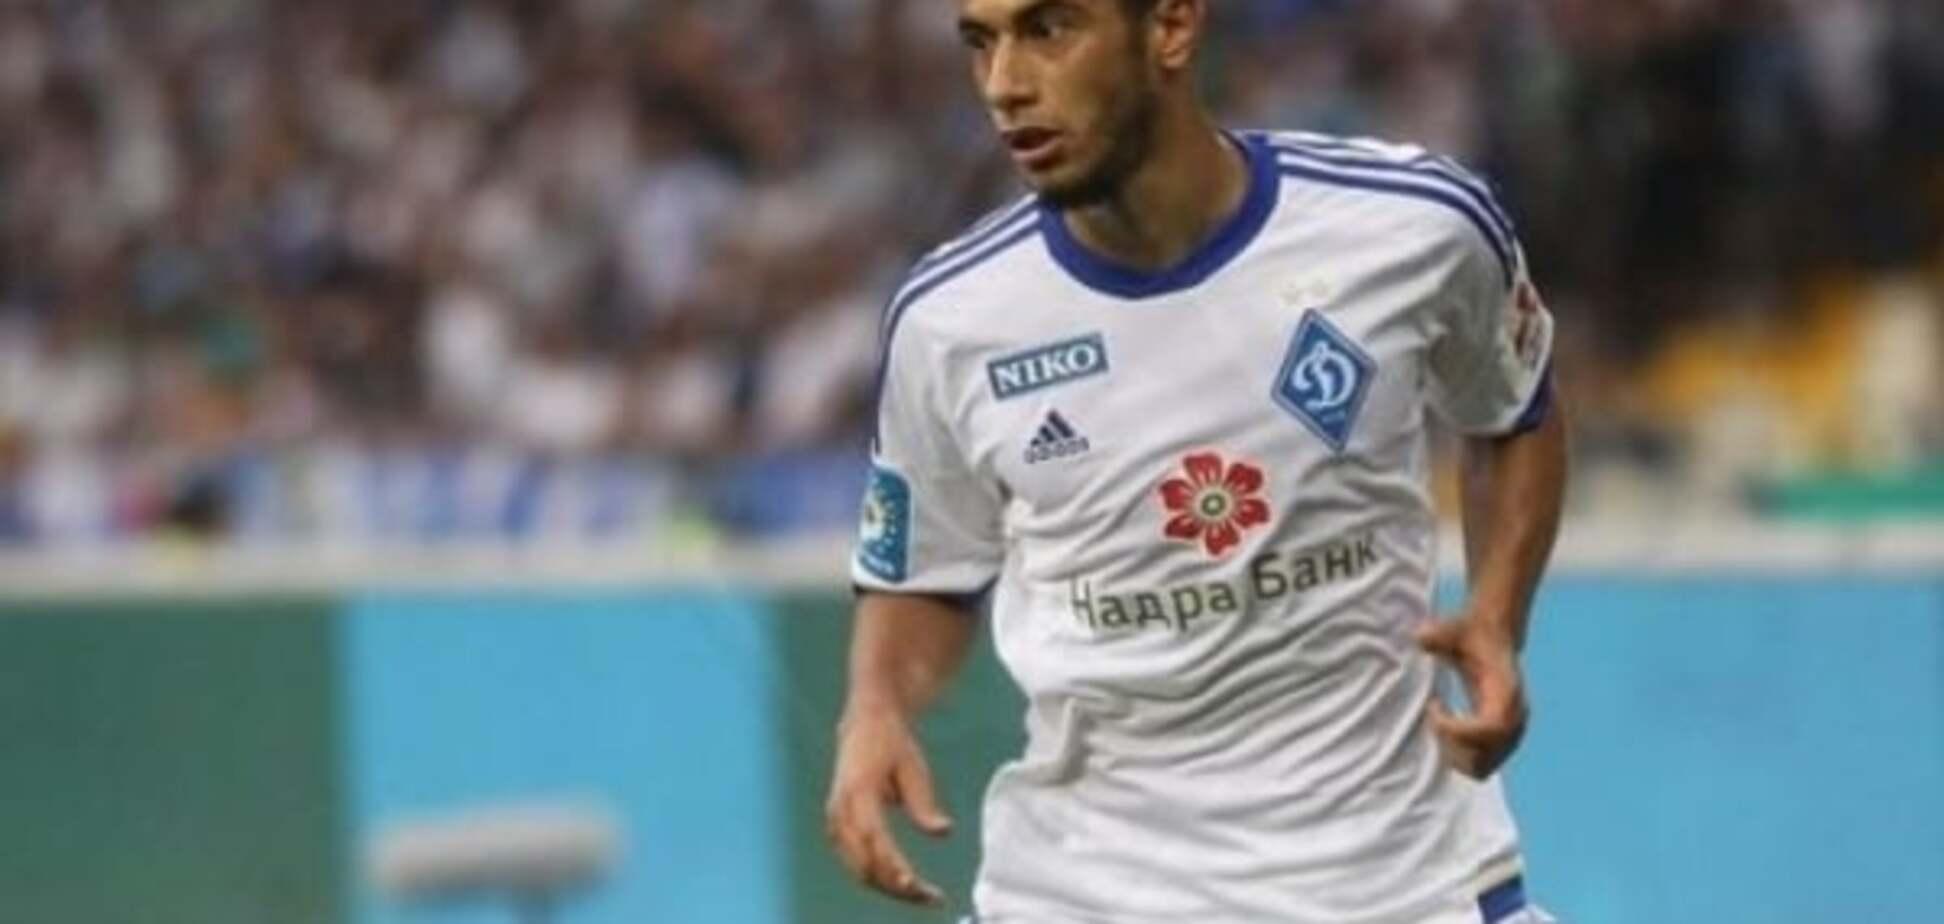 'Арабський світ'. ЗМІ назвали незвичайну причину травми футболіста 'Динамо'